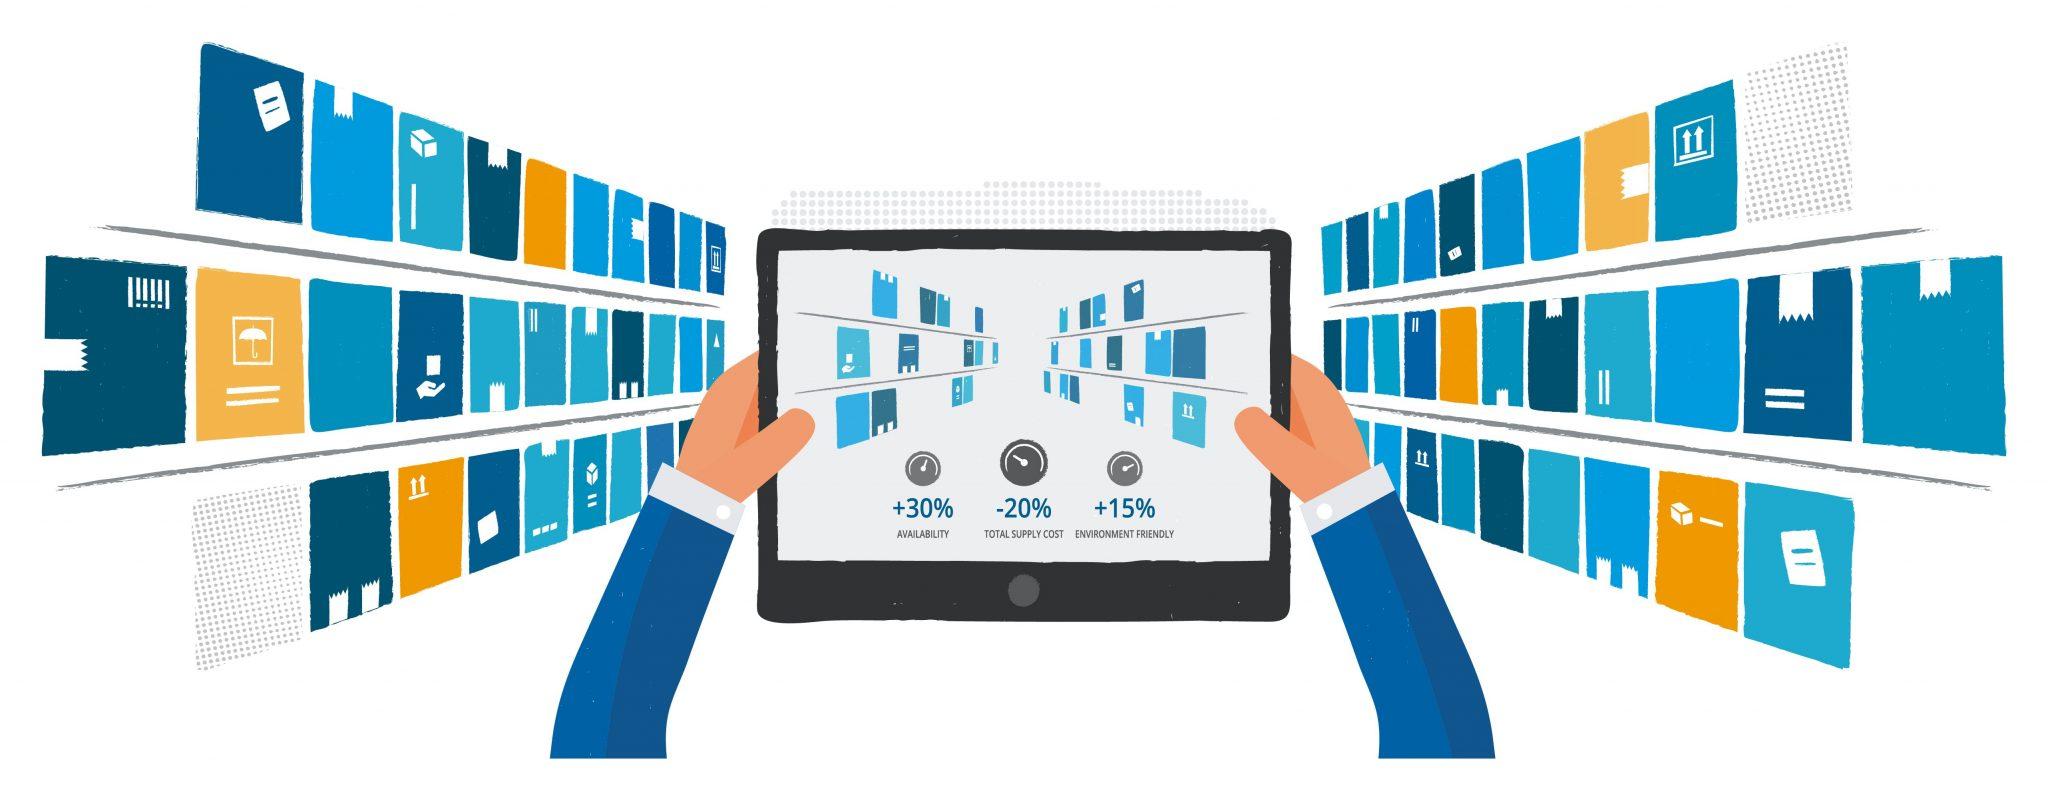 Illustration of DiManEx software. Image via DiManEx.